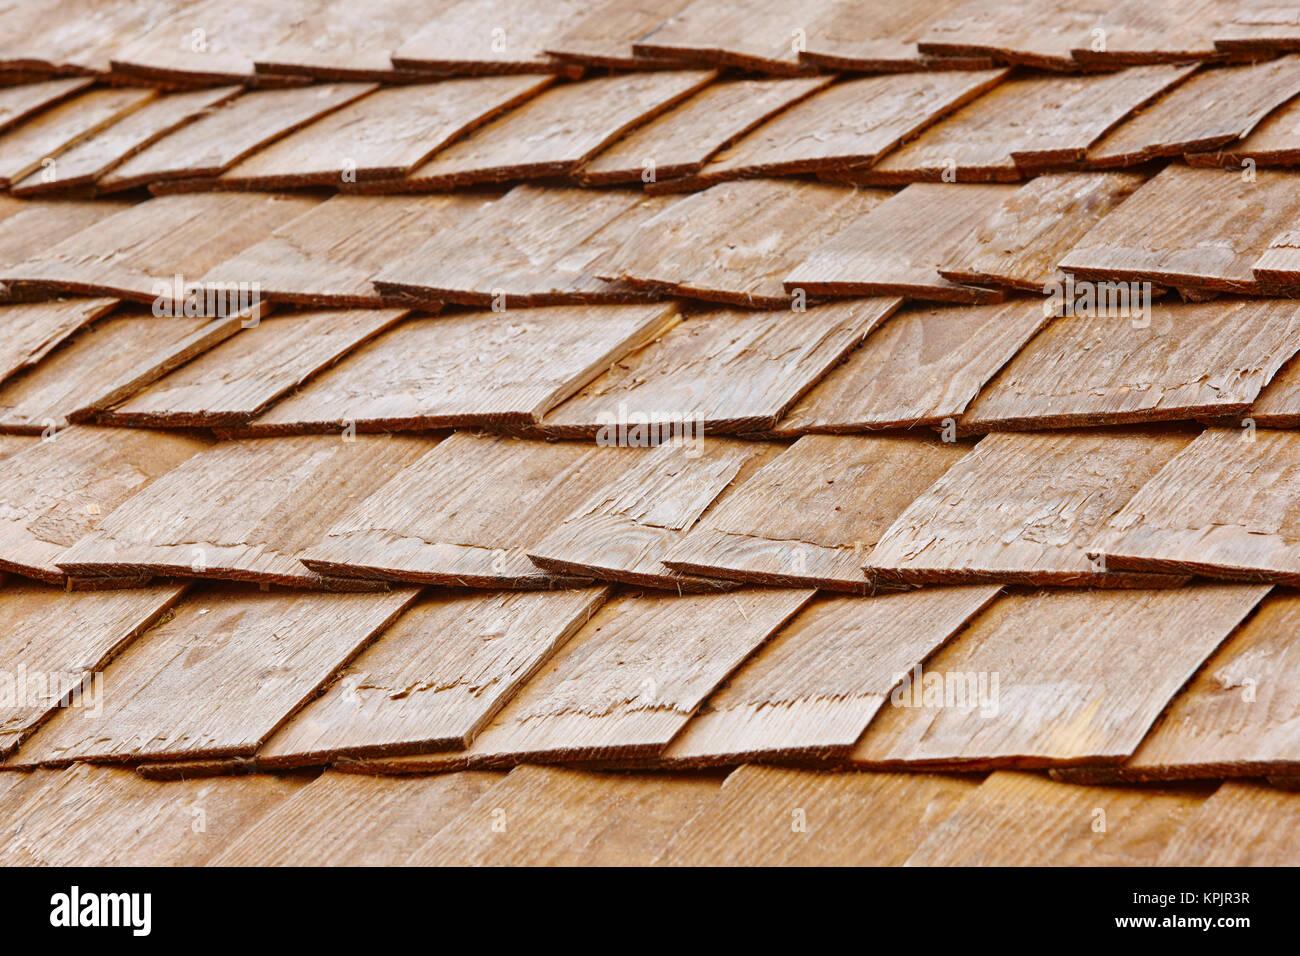 Holz schindel fliesen auf einem dach finnland traditionelle konstruktion horizontale stockfoto - Fliesen auf holz ...